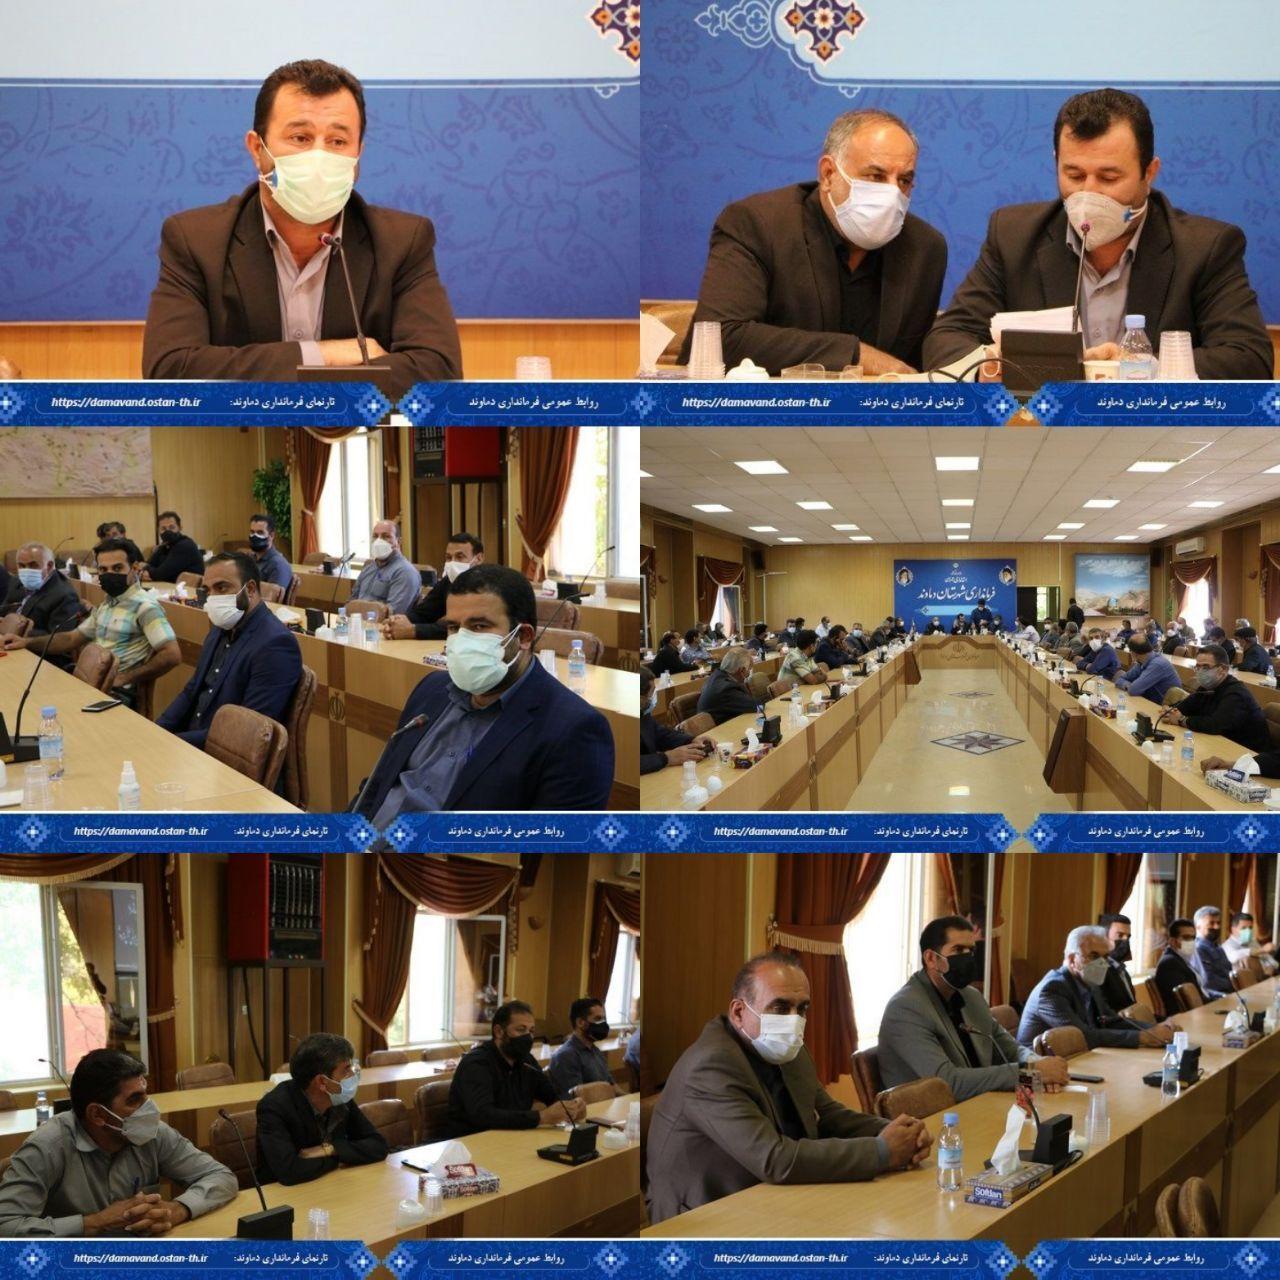 برگزاری انتخابات اعضای شورای اسلامی بخش مرکزی دماوند